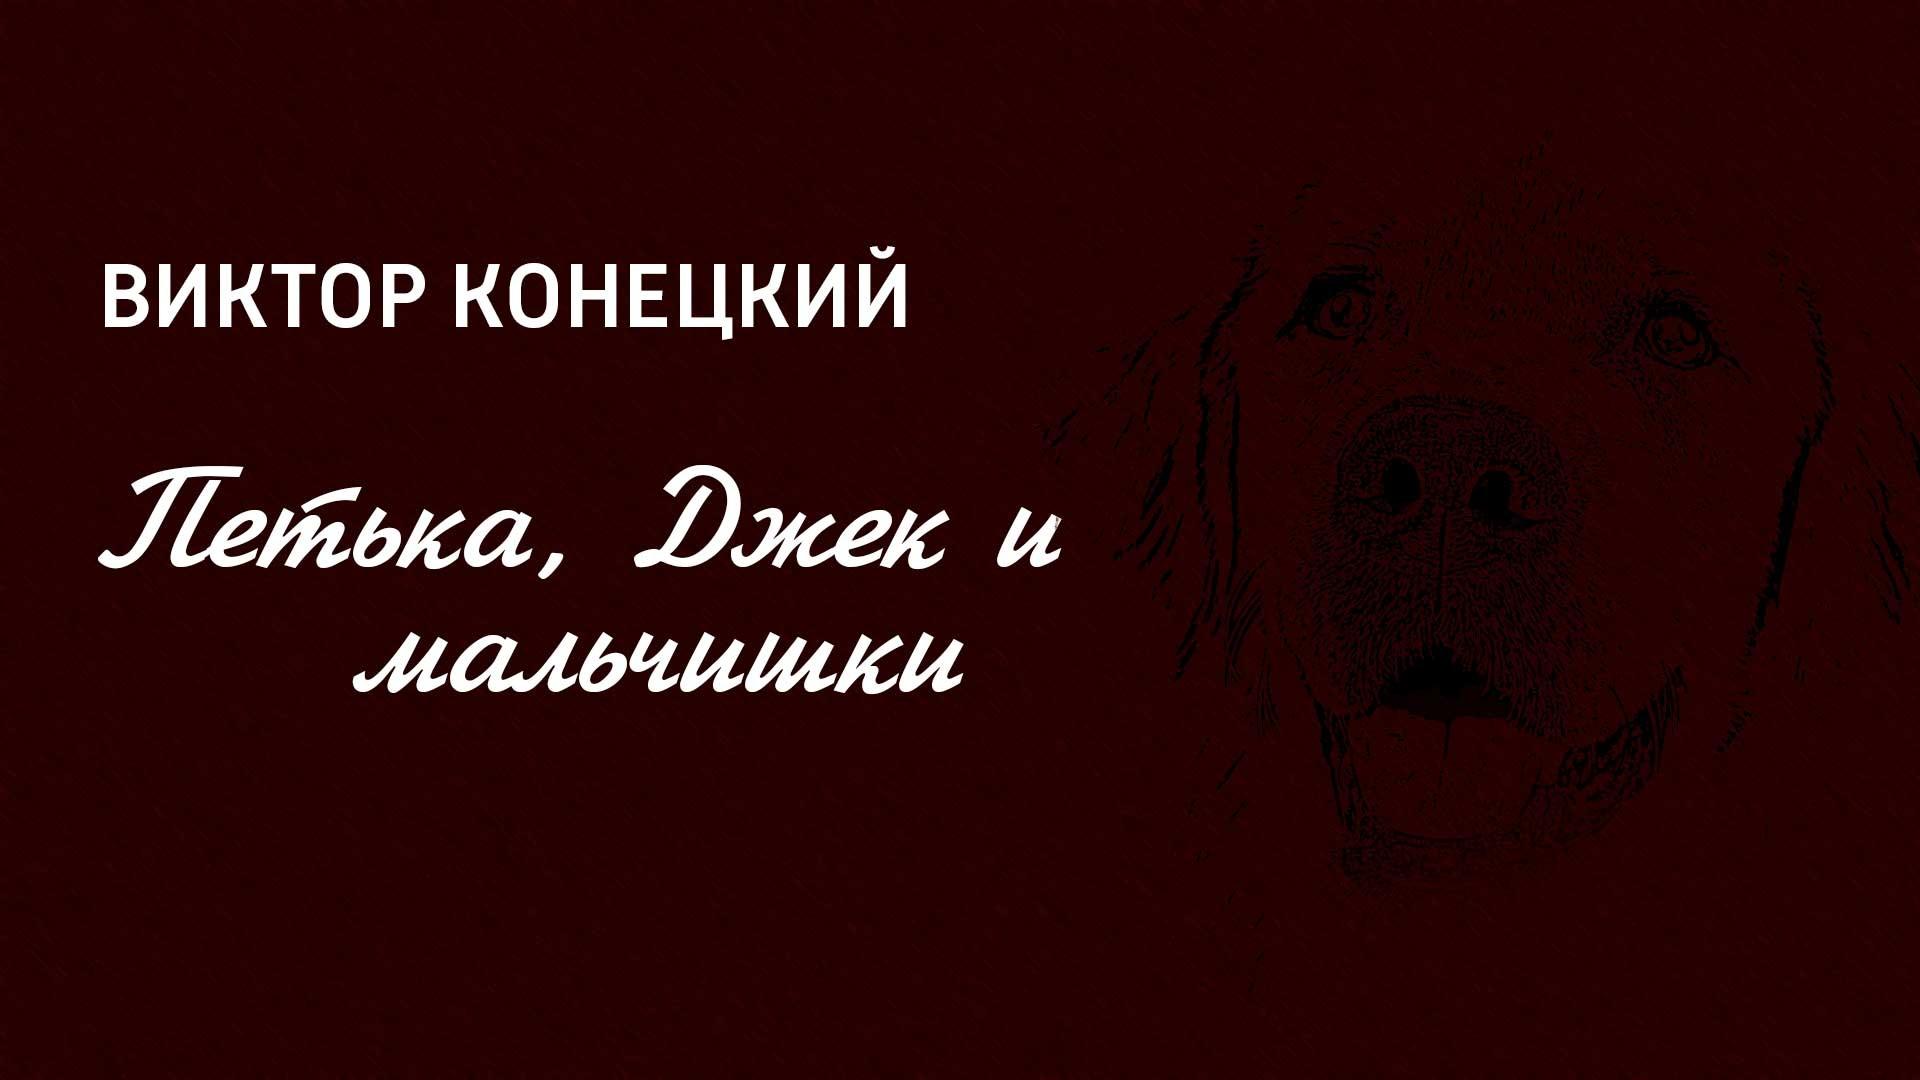 Виктор Конецкий. Петька, Джек и мальчишки